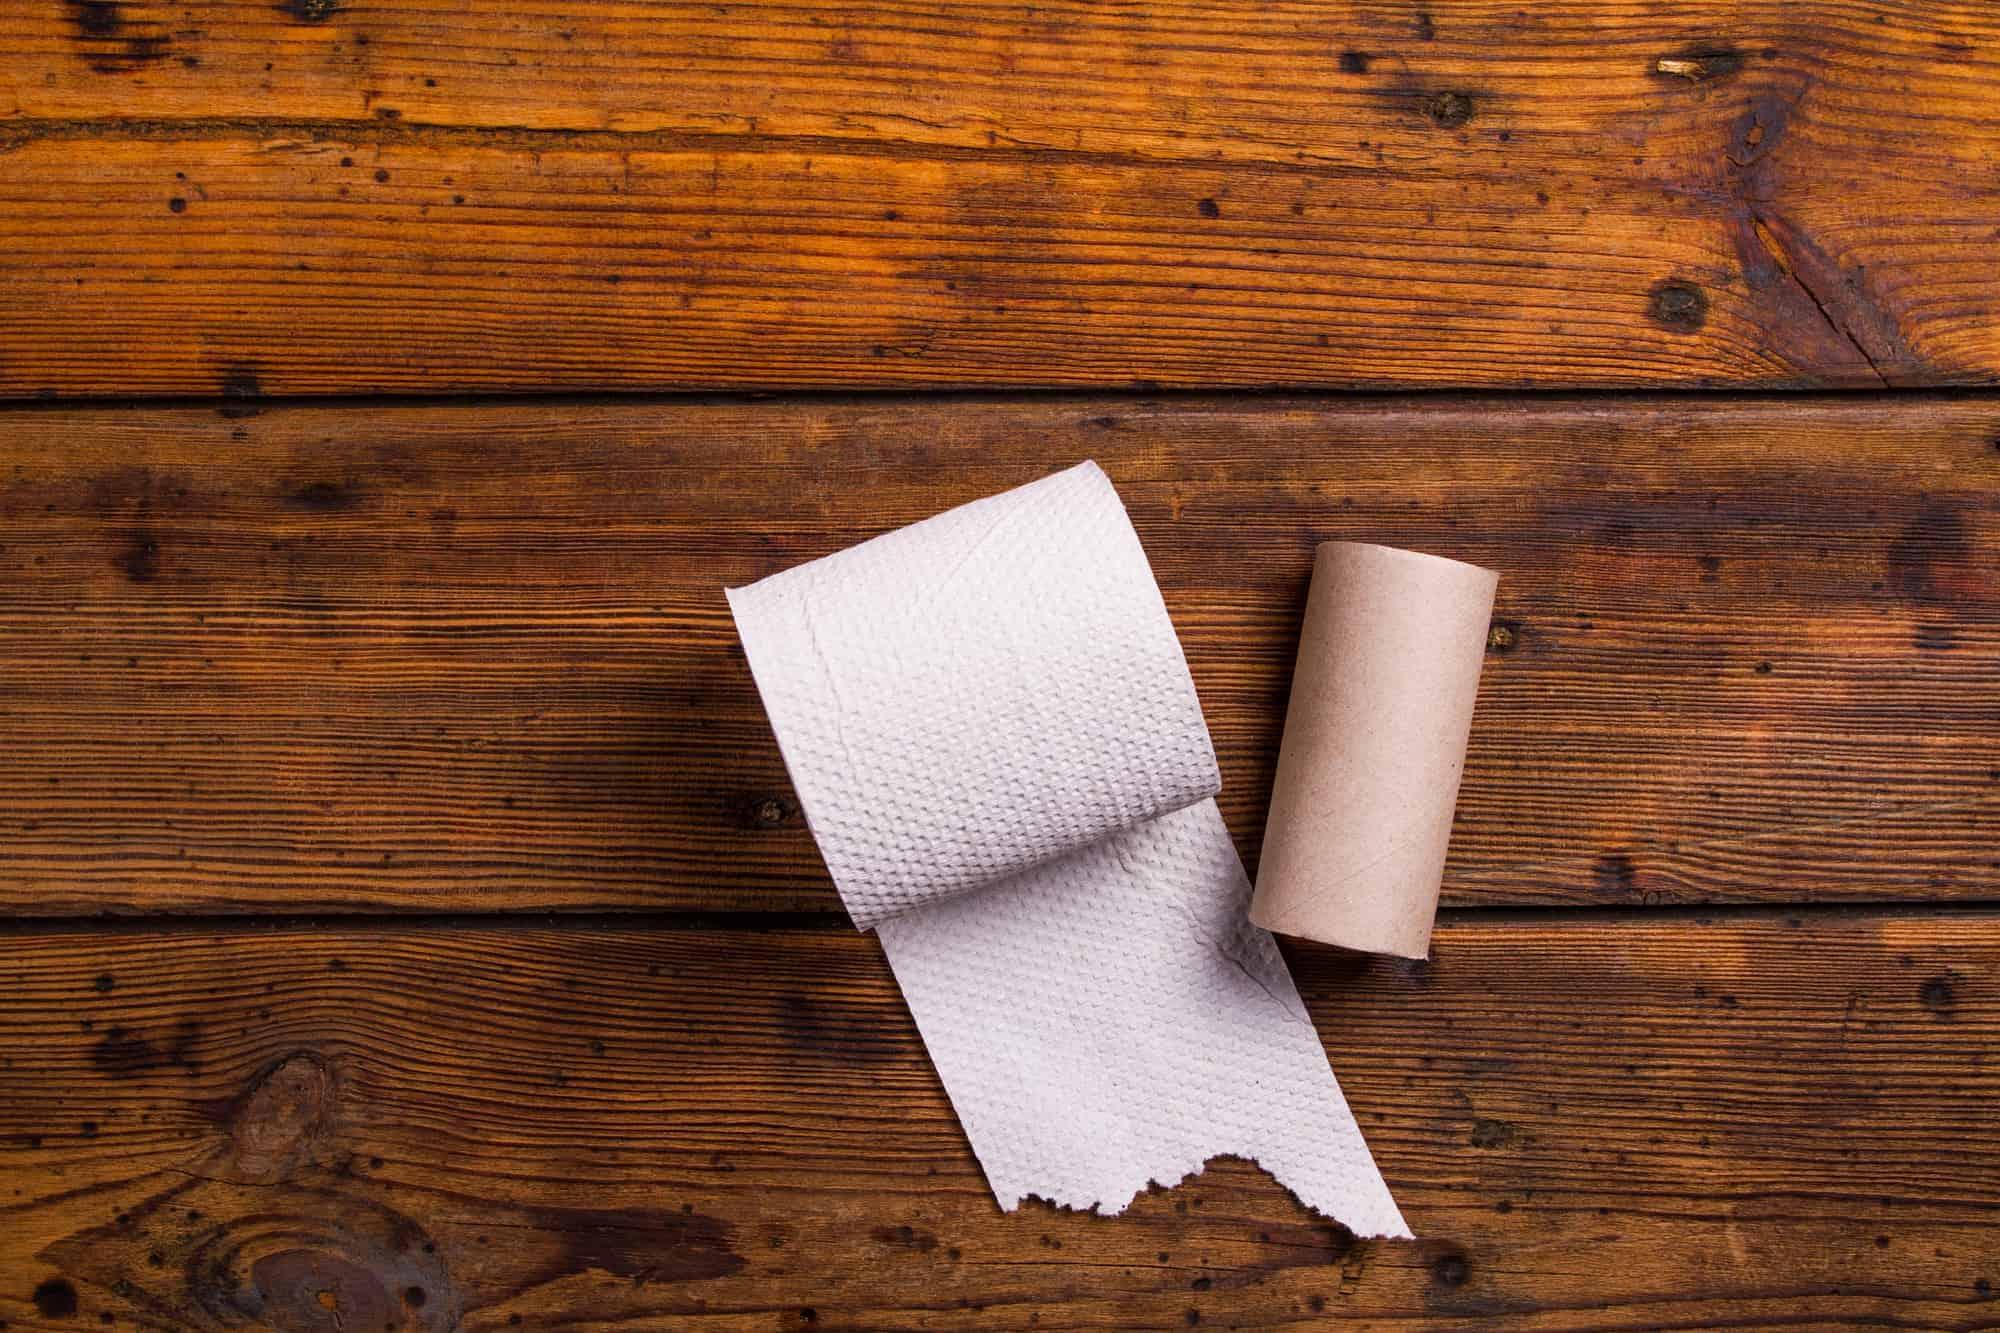 Toilet paper against wood flooring